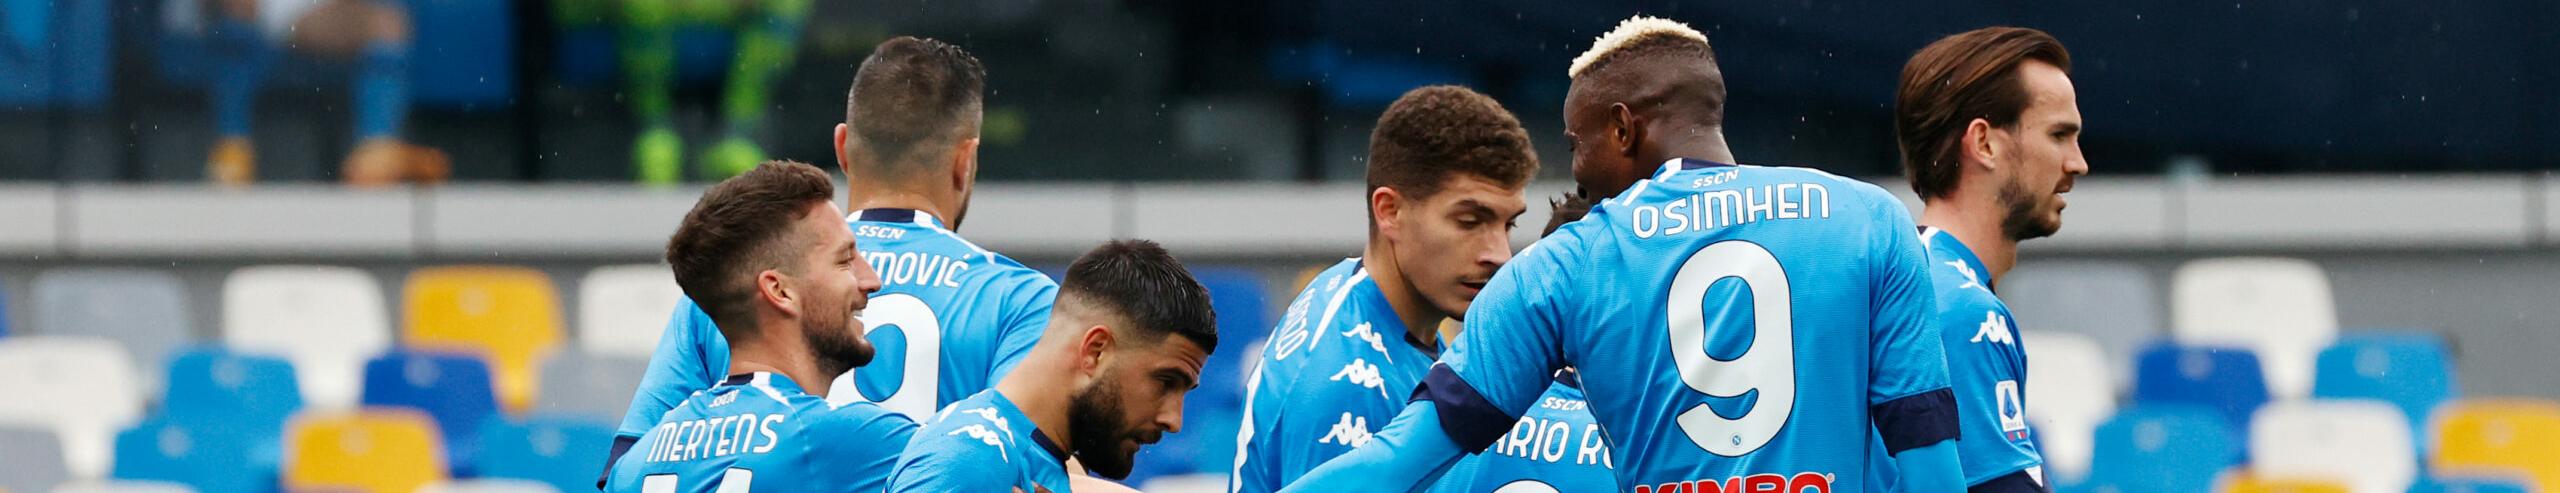 Sampdoria-Napoli, campani all'attacco con sguardo al 4° posto